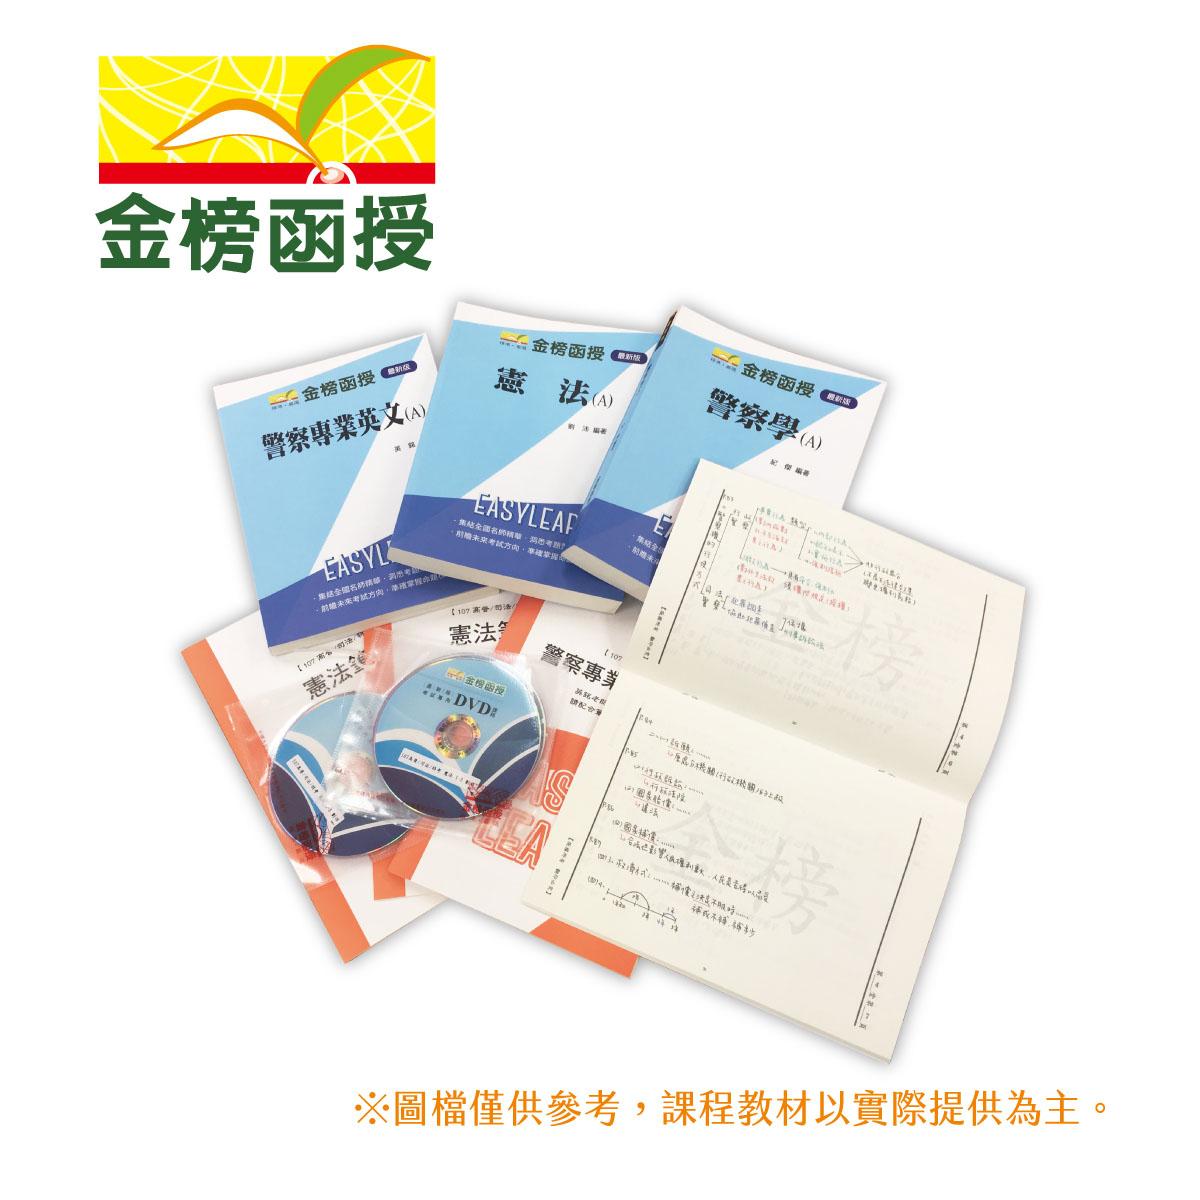 108金榜函授/高考三级/年度课程/全套/一般民政/DVD